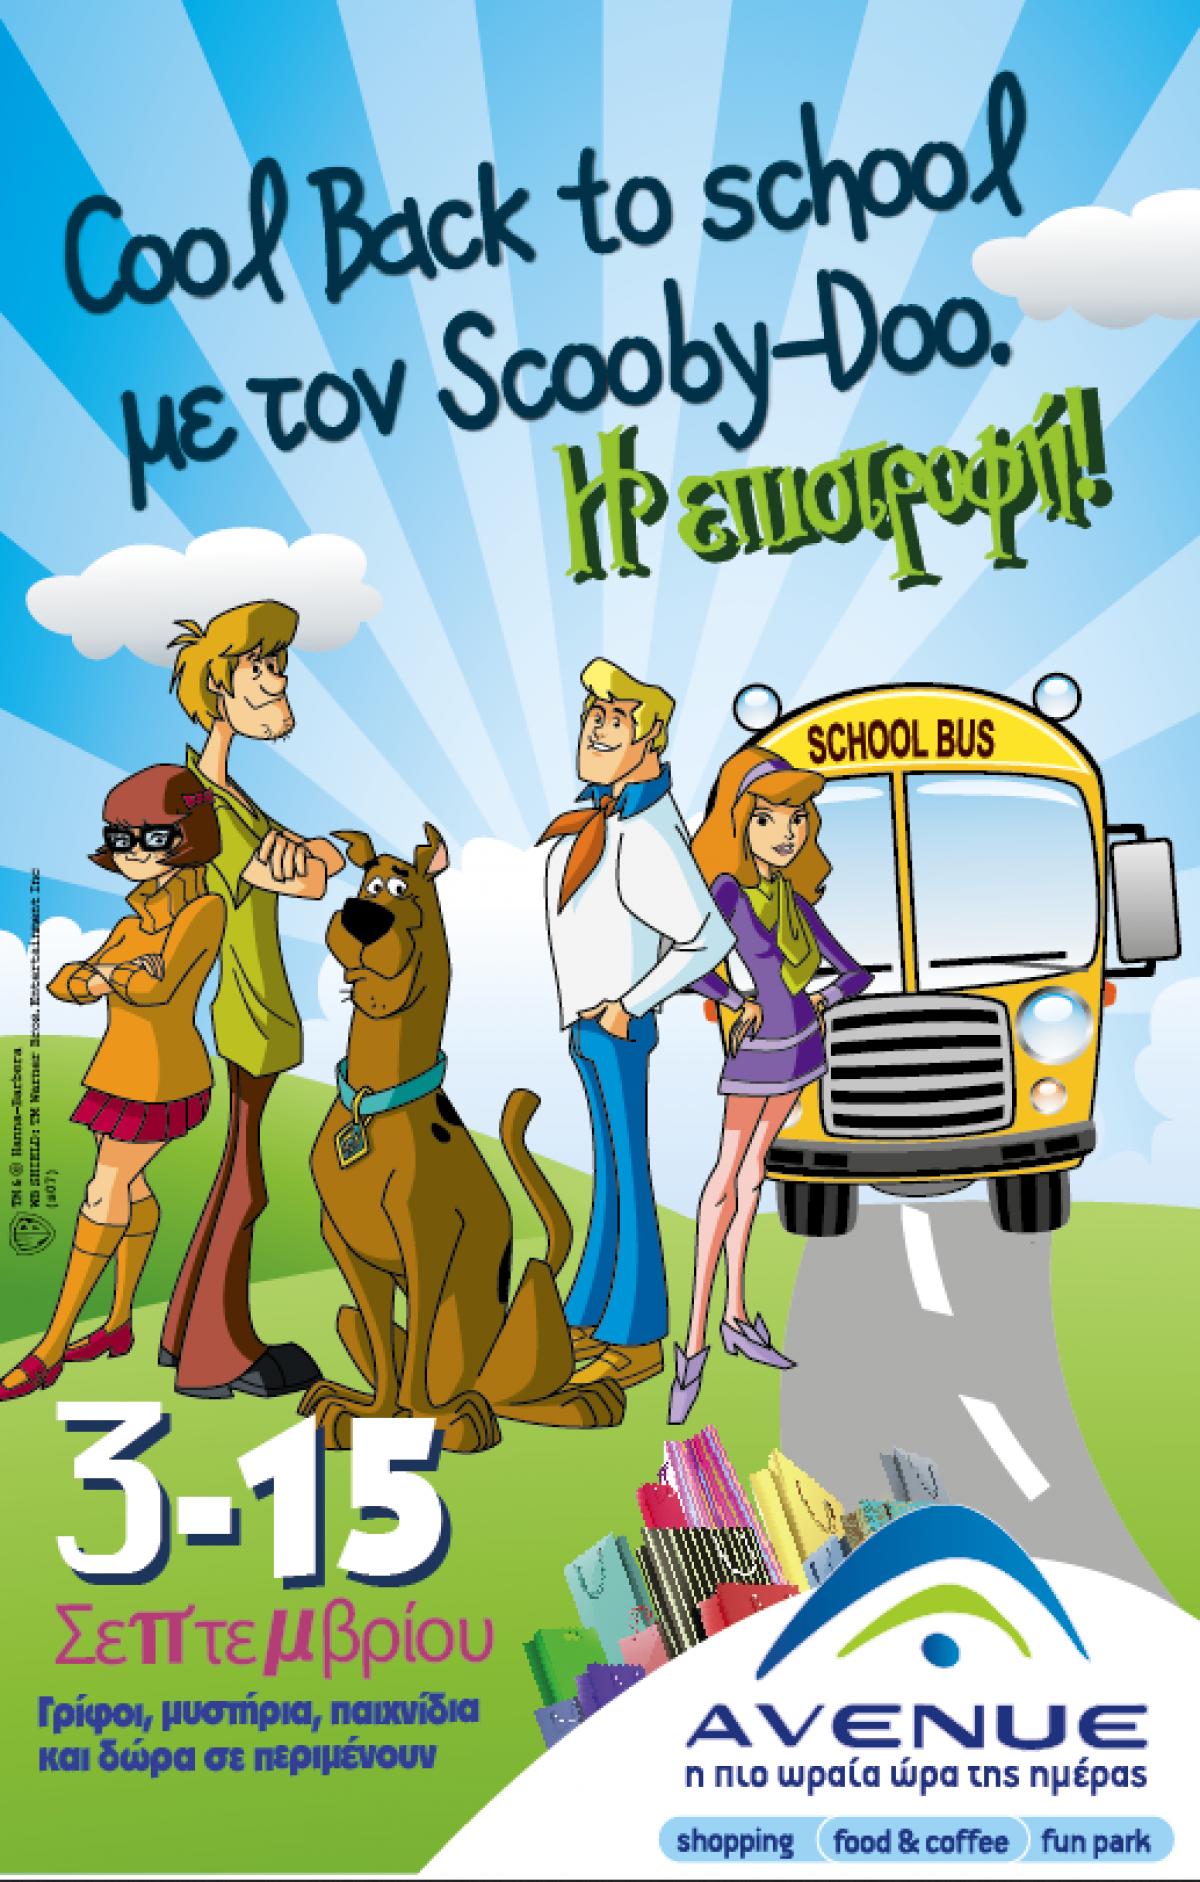 Ο Scooby – Doo επιστρέφει στα θρανία του AVENUE!